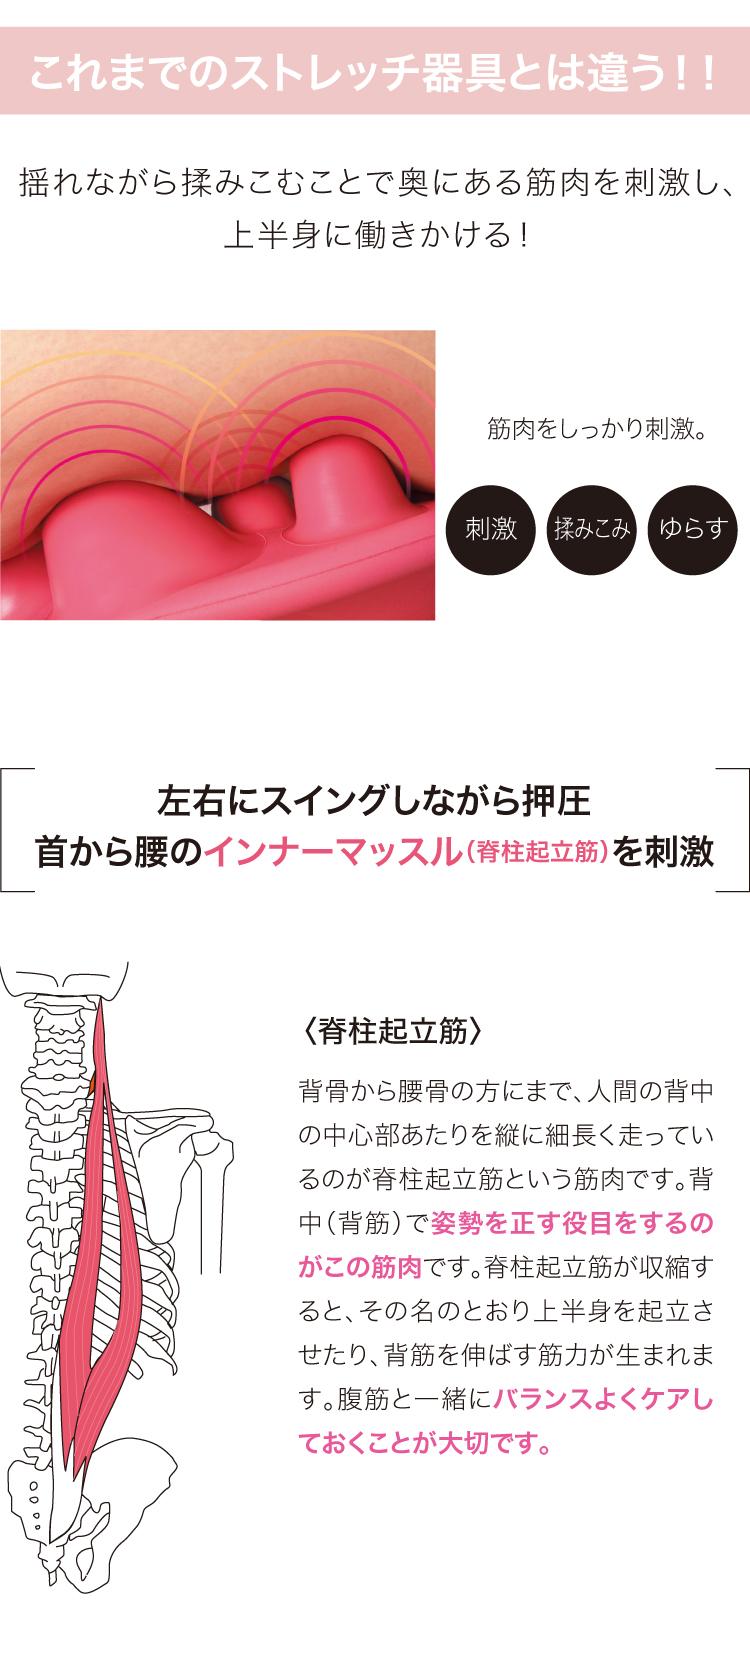 これまでのストレッチ器具とは違う、上半身、インナーマッスル、筋肉を刺激